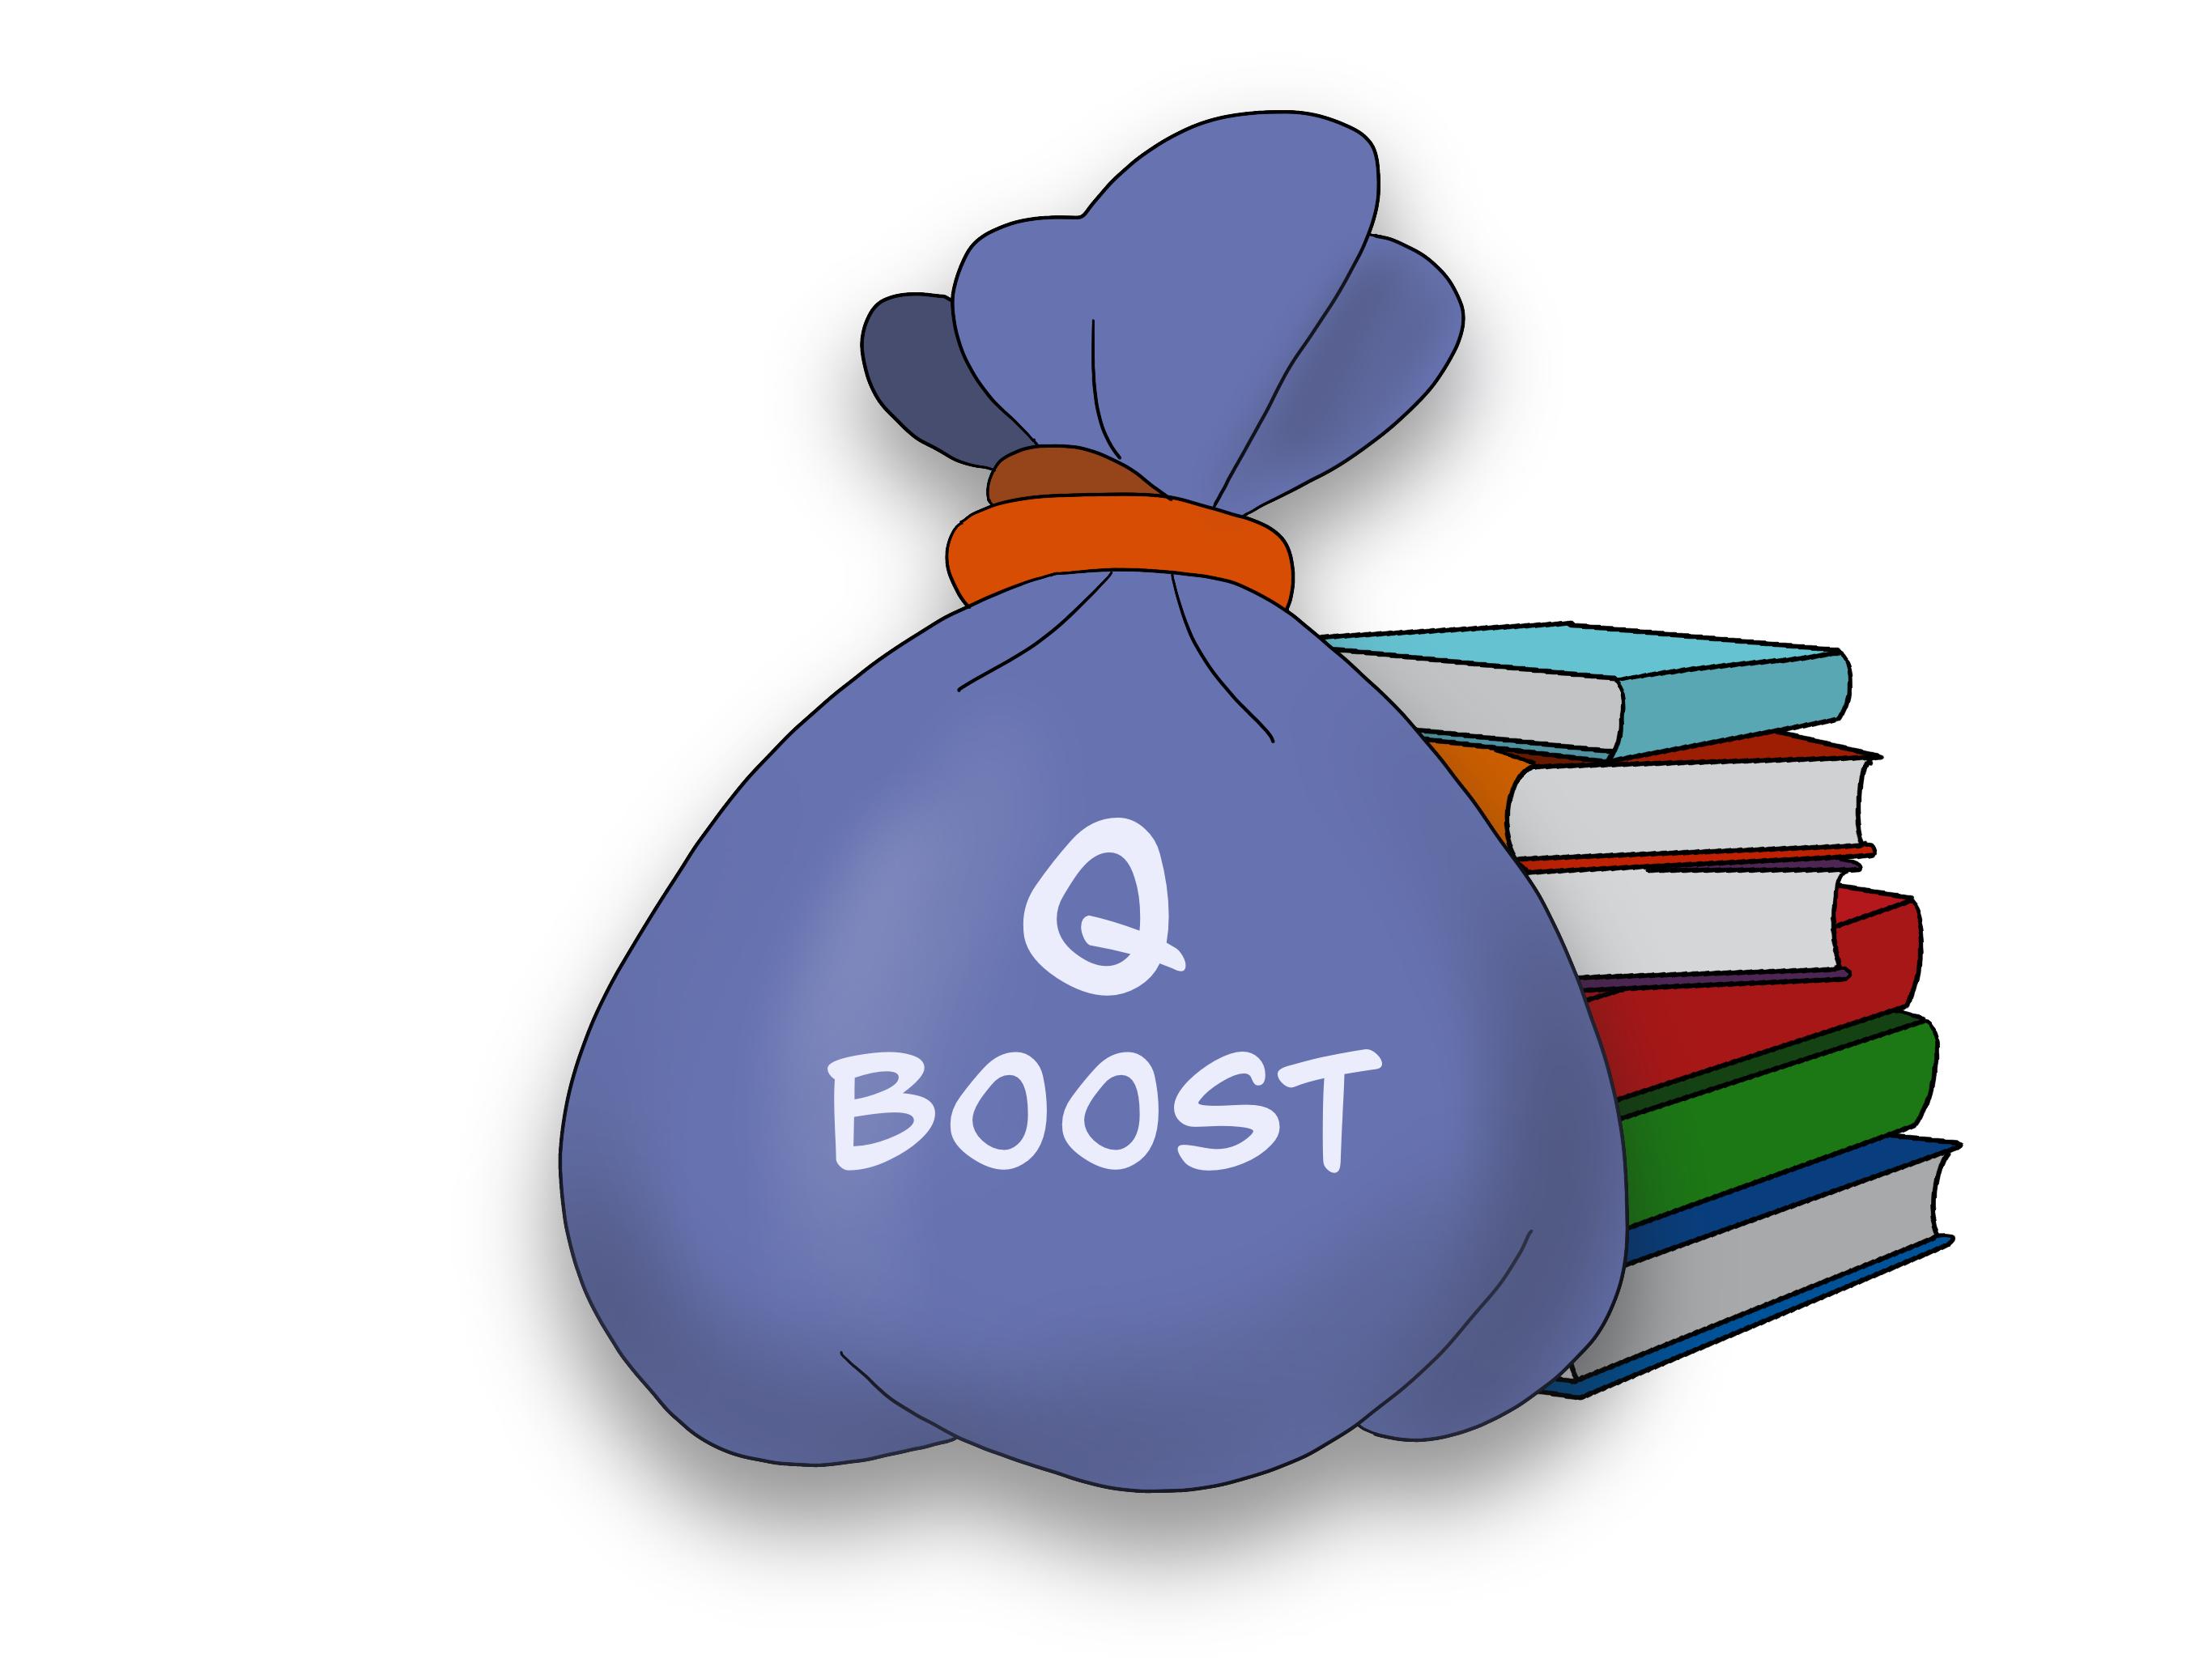 Vorgespräch Q-Boost Nachhilfe